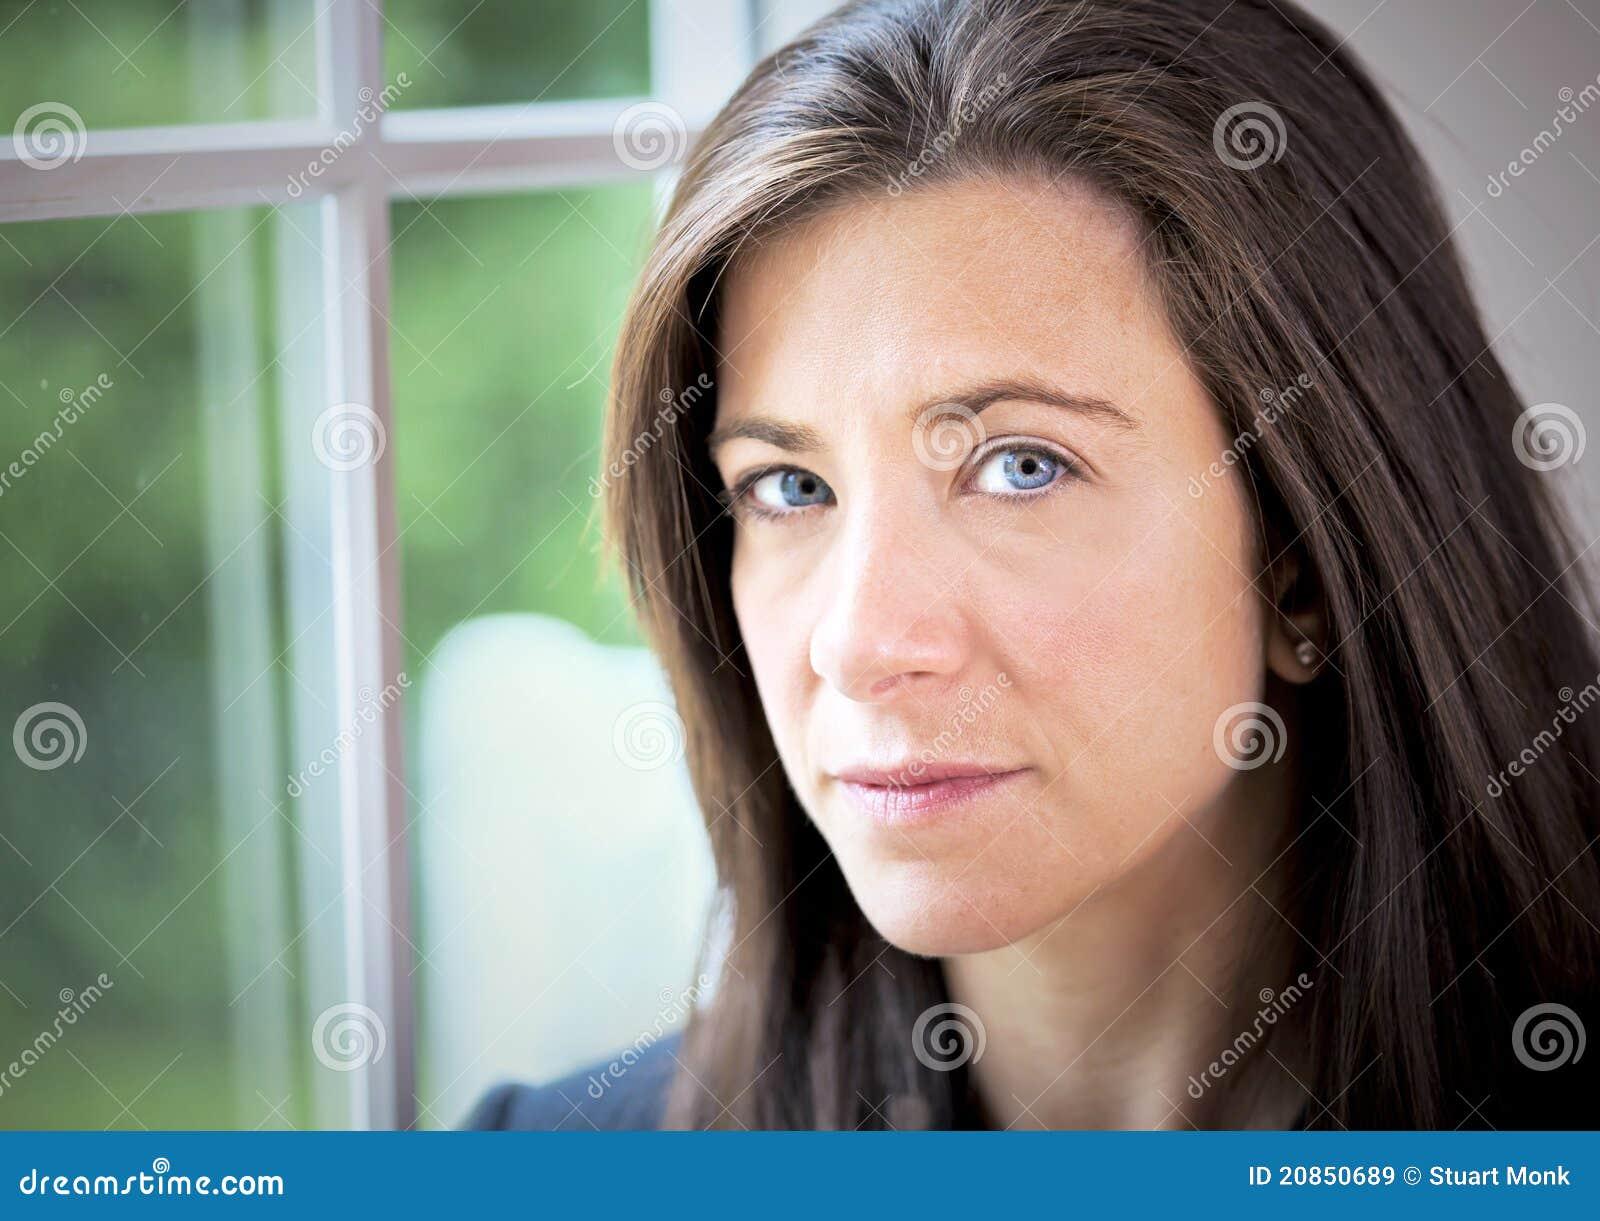 Серьезная женщина фото 16 фотография